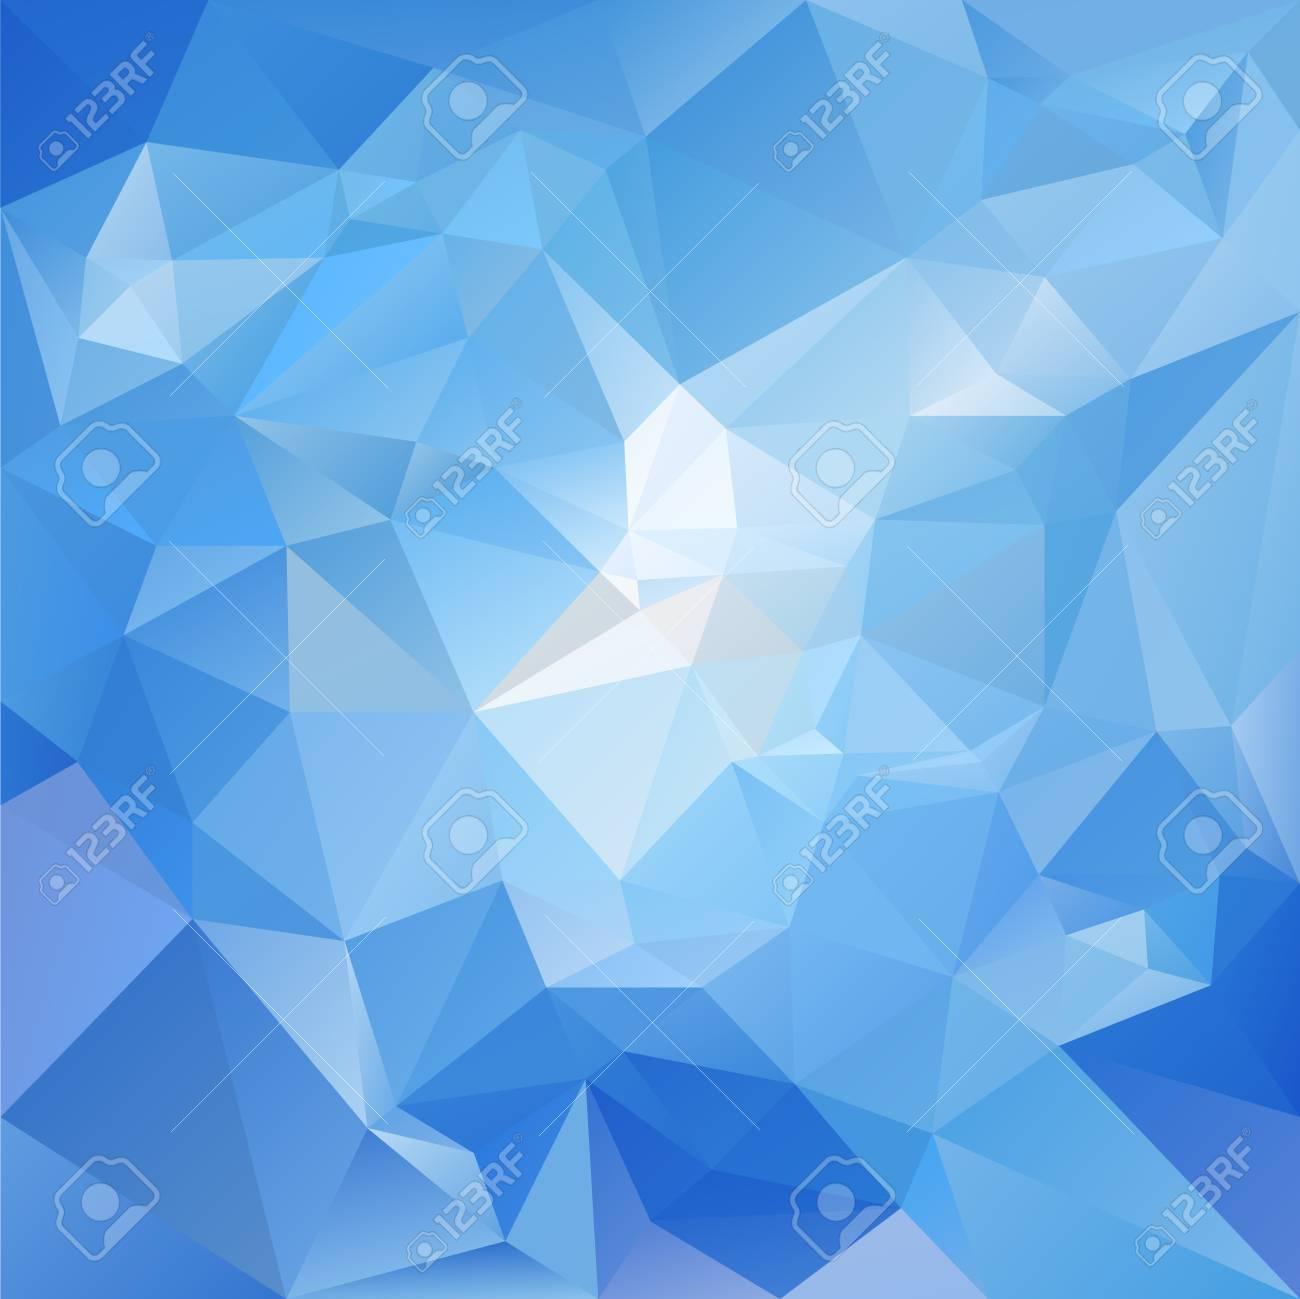 Couleur Avec Bleu Ciel abstrait polygone irrégulier avec un motif triangulaire dans des couleurs  bleu ciel